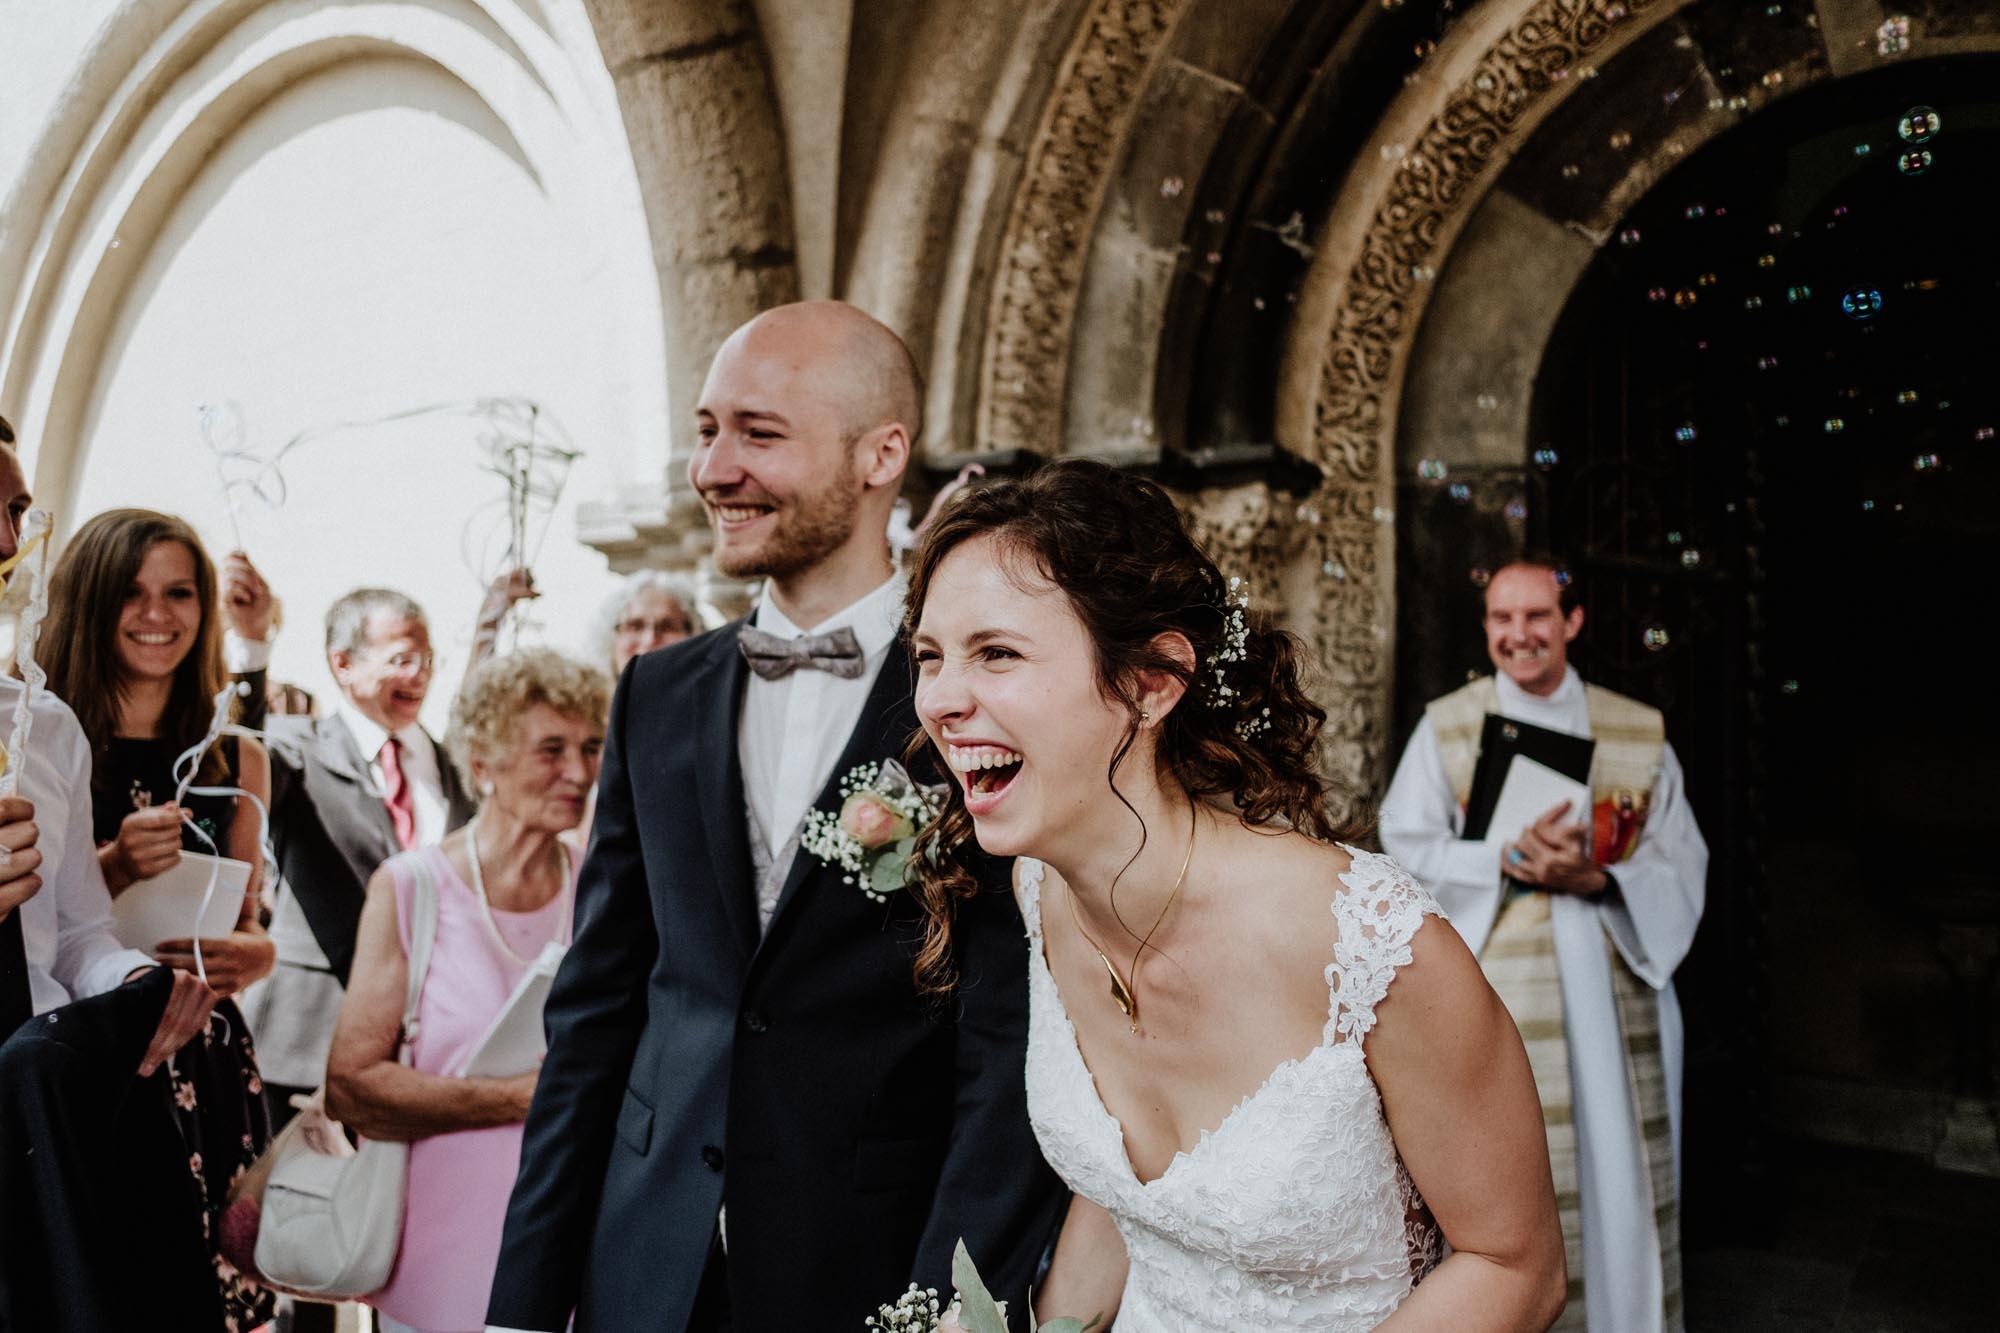 Hochzeitsfoto einer lachenden Braut nach der kirchlichen Trauung an Ihrem Hochzeitstag